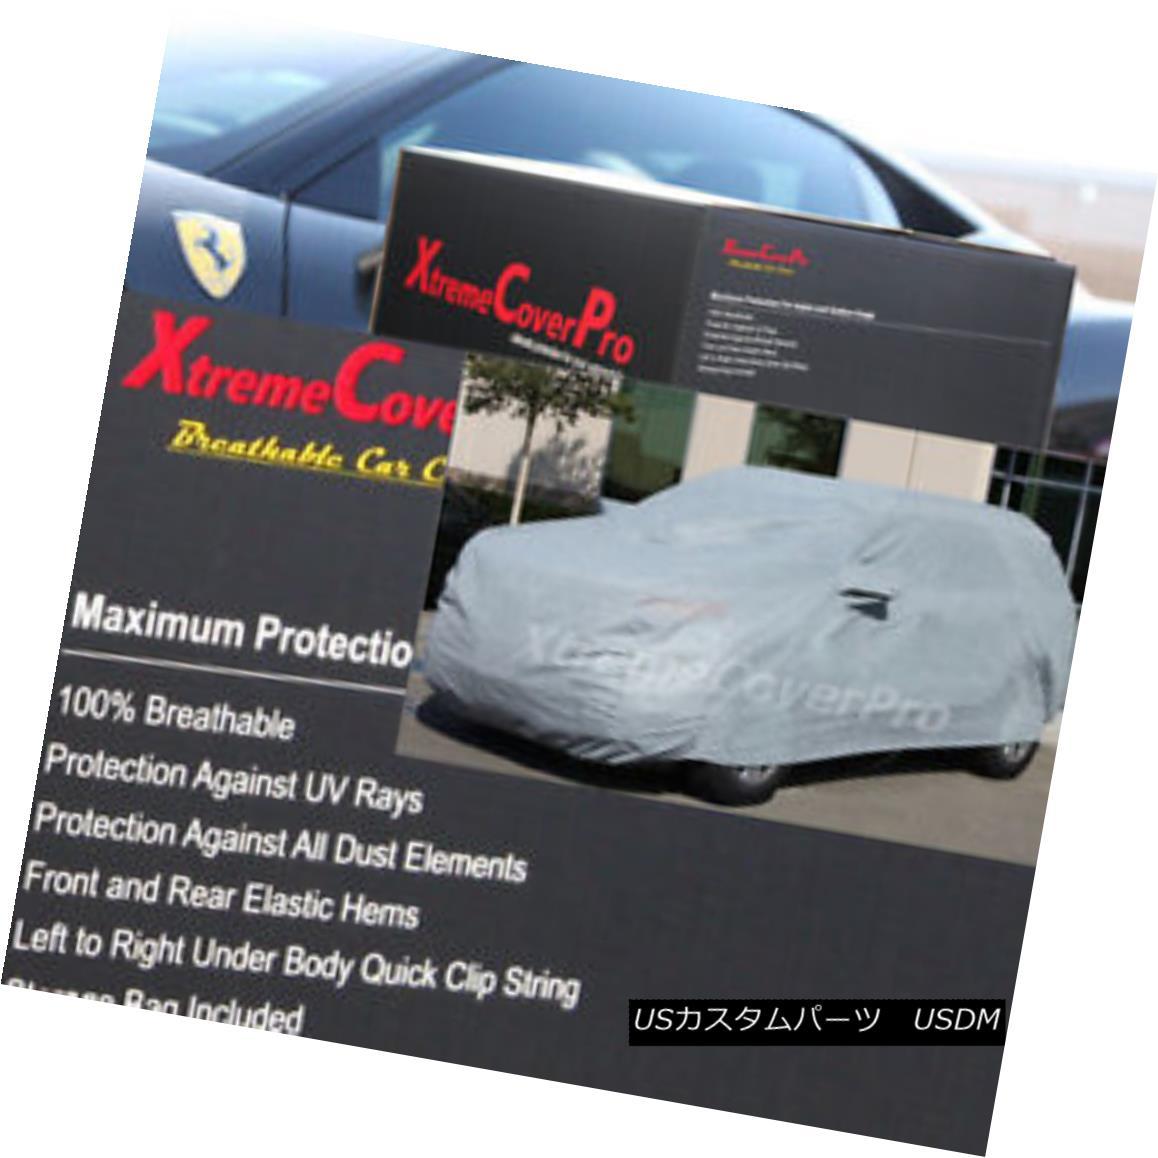 カーカバー 2007 2008 2009 2010 Toyota Sienna Breathable Car Cover w/MirrorPocket 2007年2008年2009年トヨタシエナ通気性カーカバー付き(MirrorPocket)